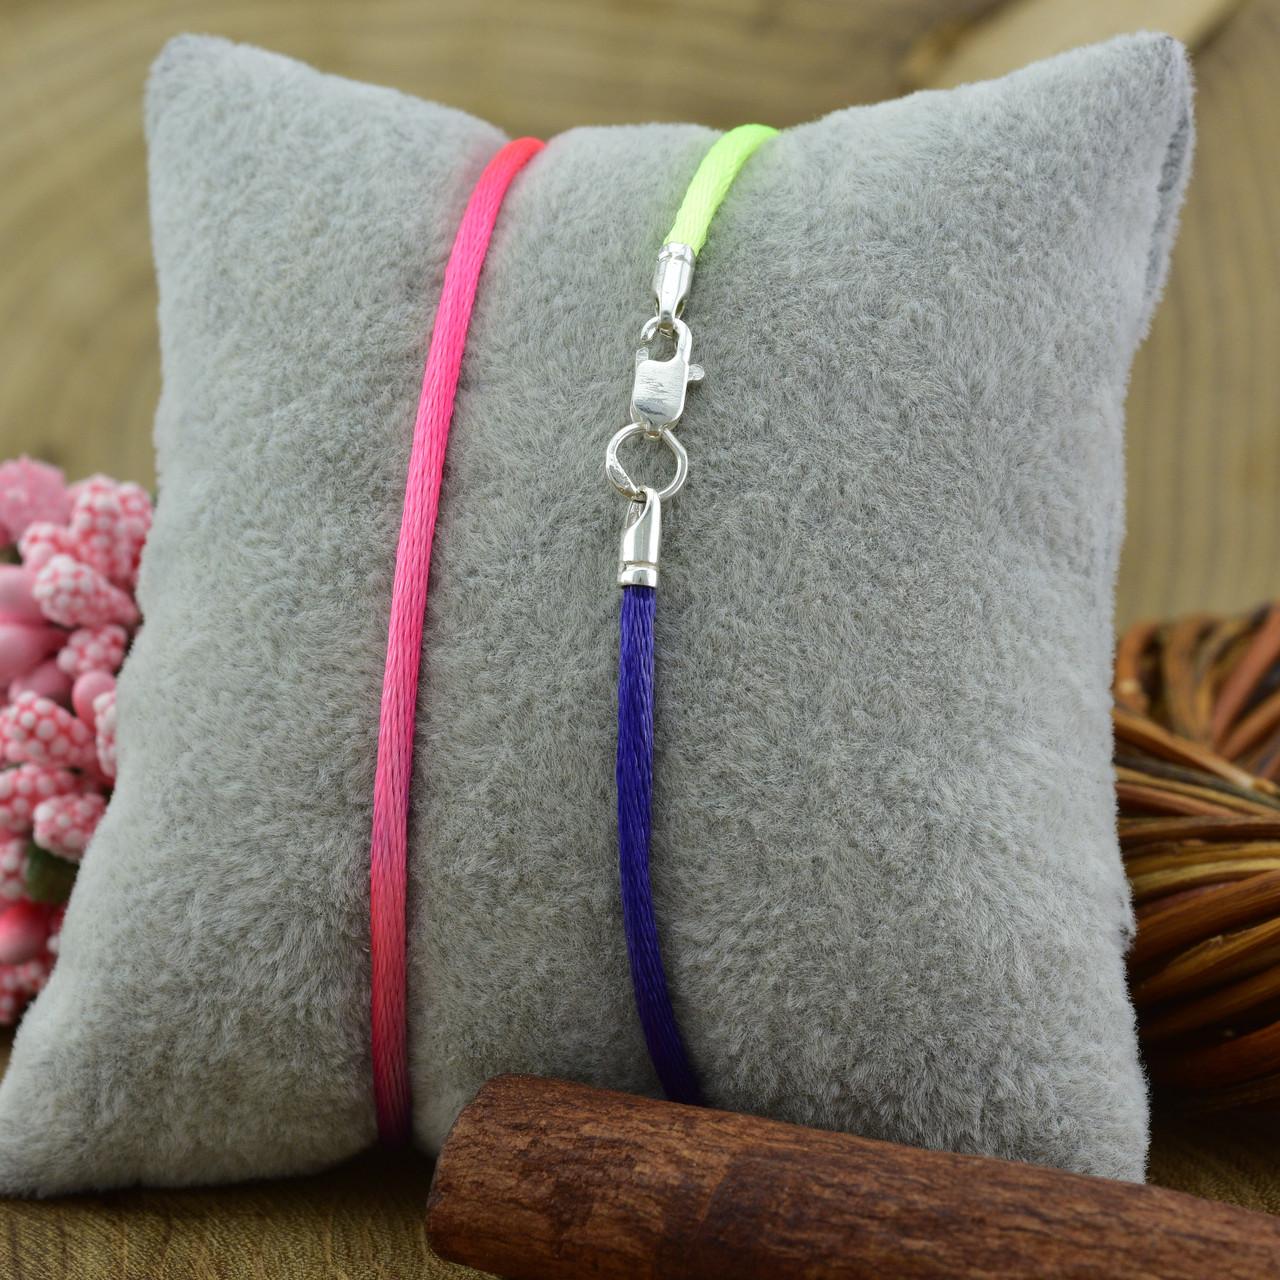 Шнурок шелковый цвет розово-синий длина 45 см ширина 2 мм вес серебра 0.7 г